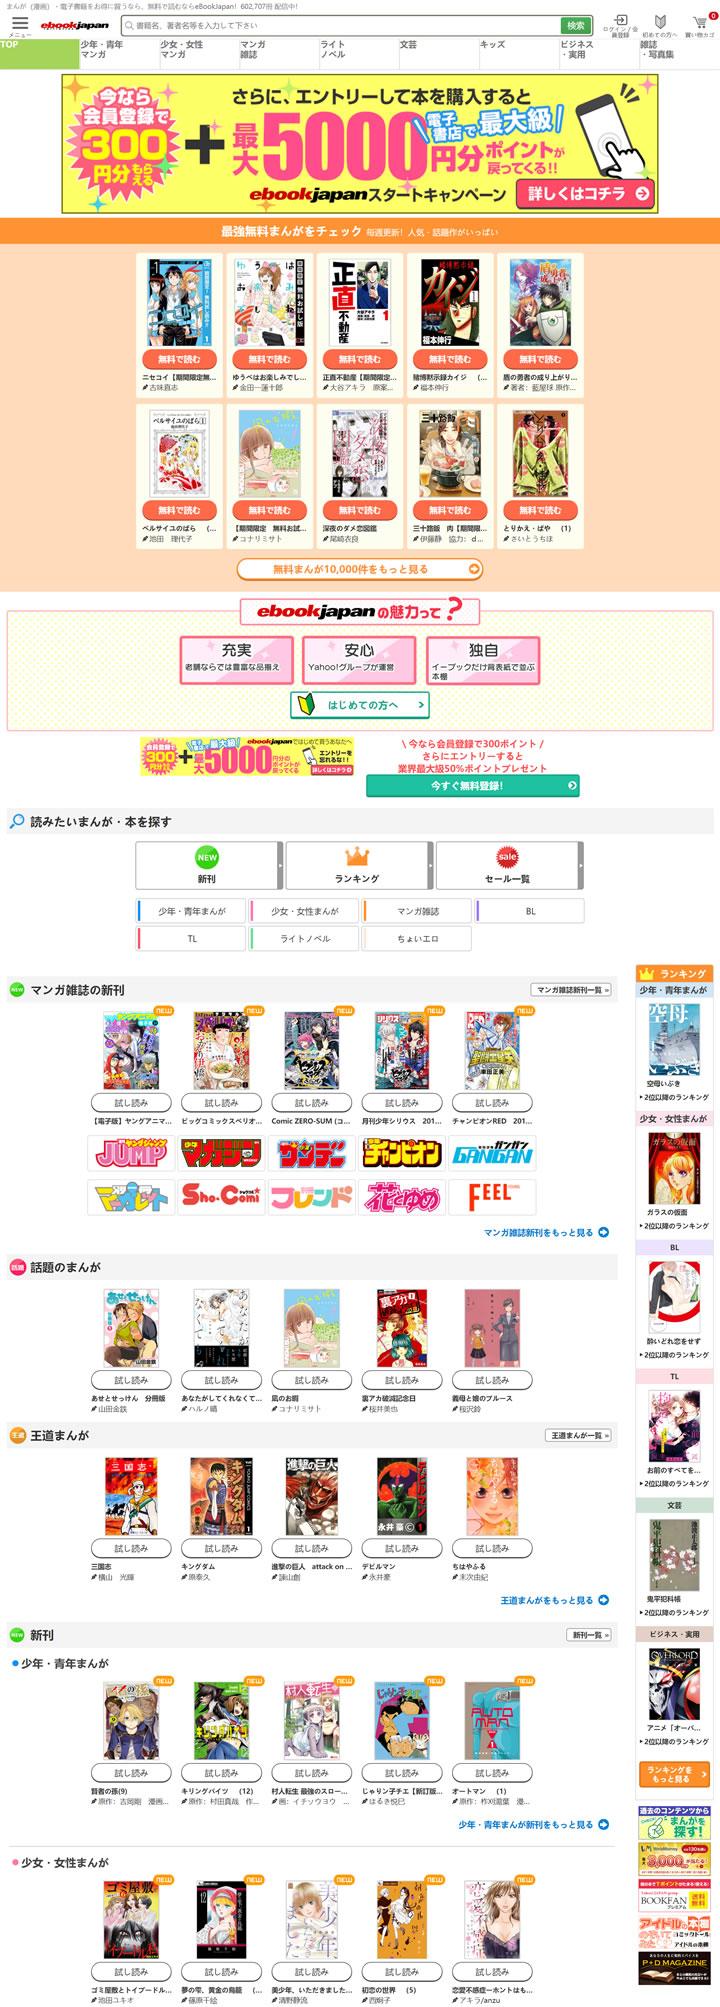 日本最大的漫画、电子书籍贩卖网站之一:eBookJapan